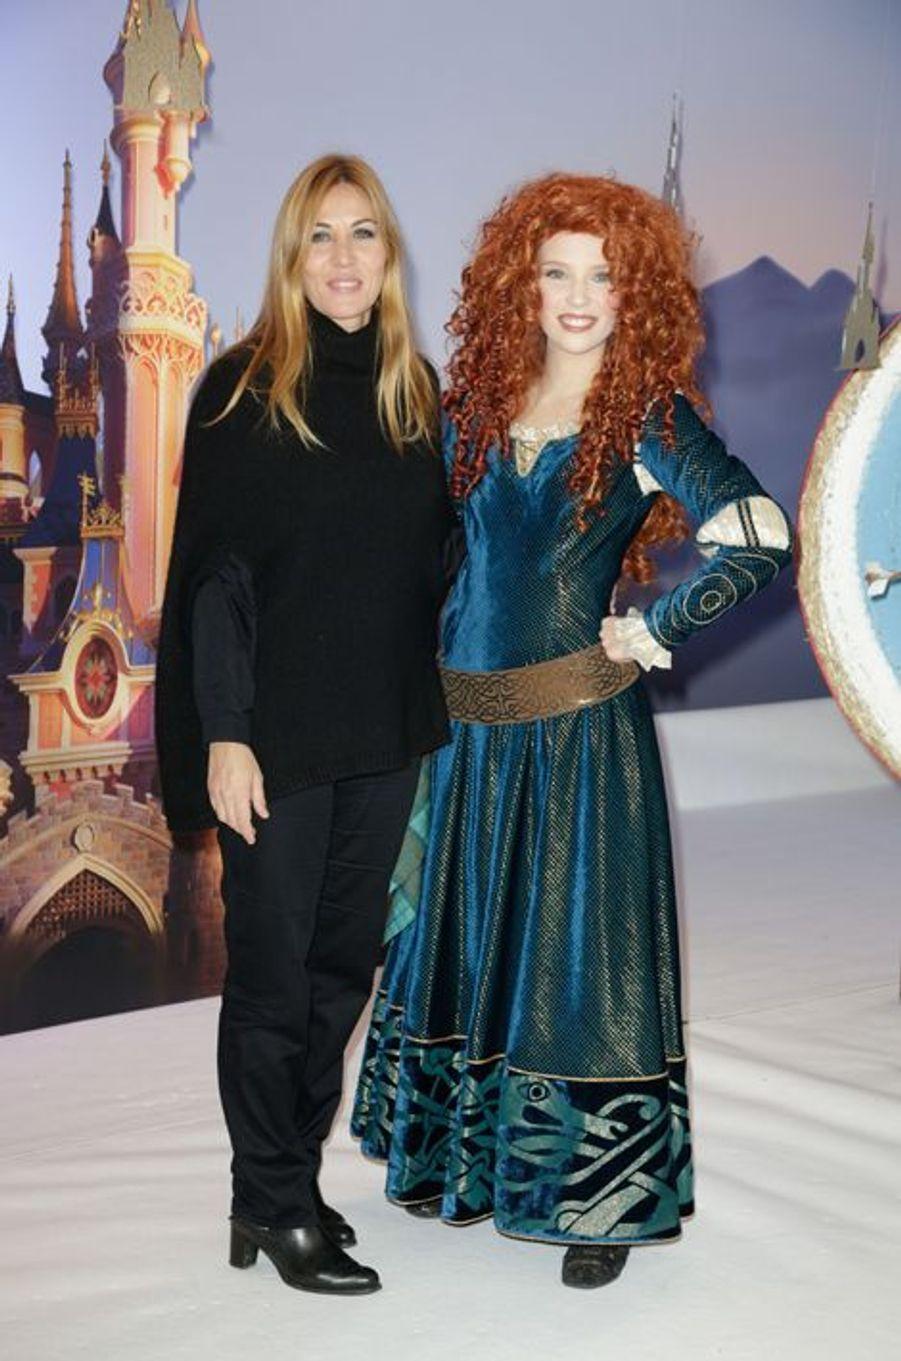 Mathilde Seigner au lancement des festivités de Noël à Disneyland Paris, le 16 novembre 2014